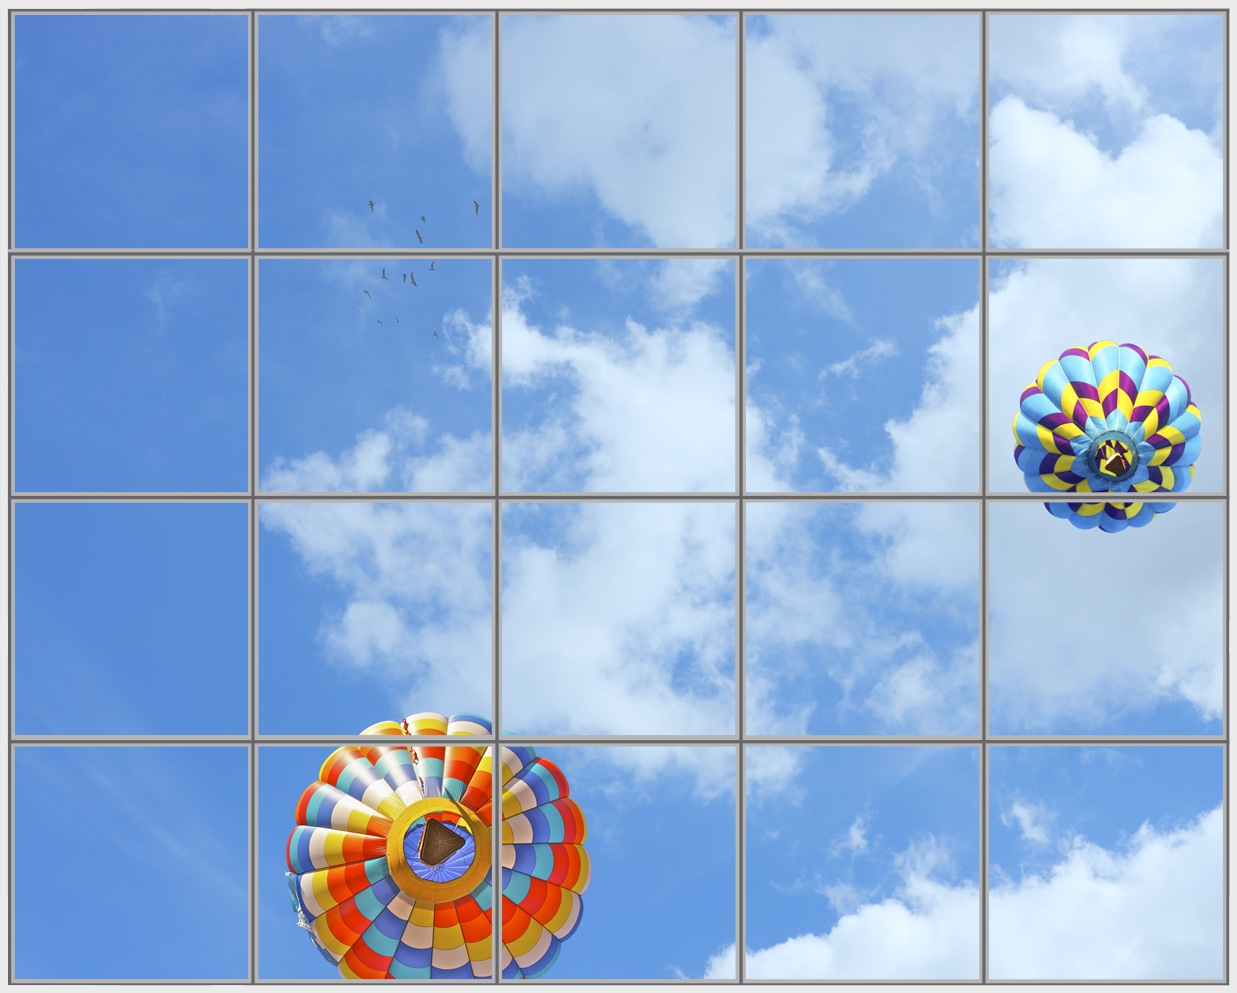 Balloon Birds 20